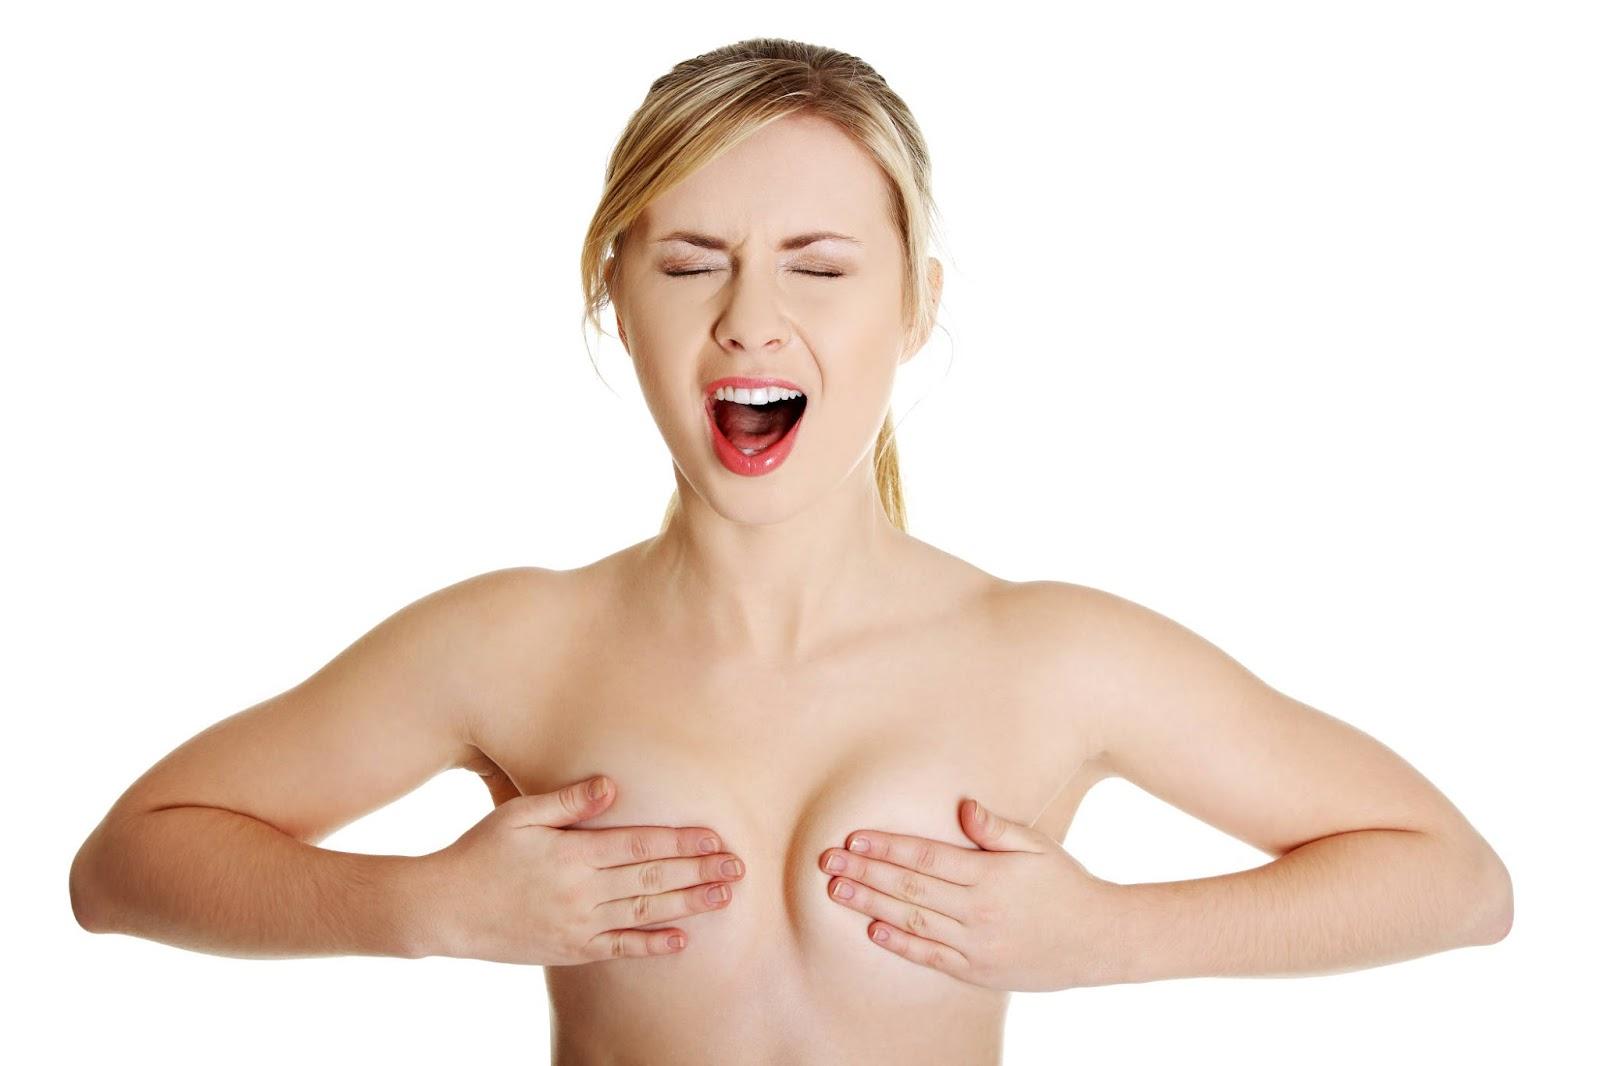 женщина кричит прикрыв грудь